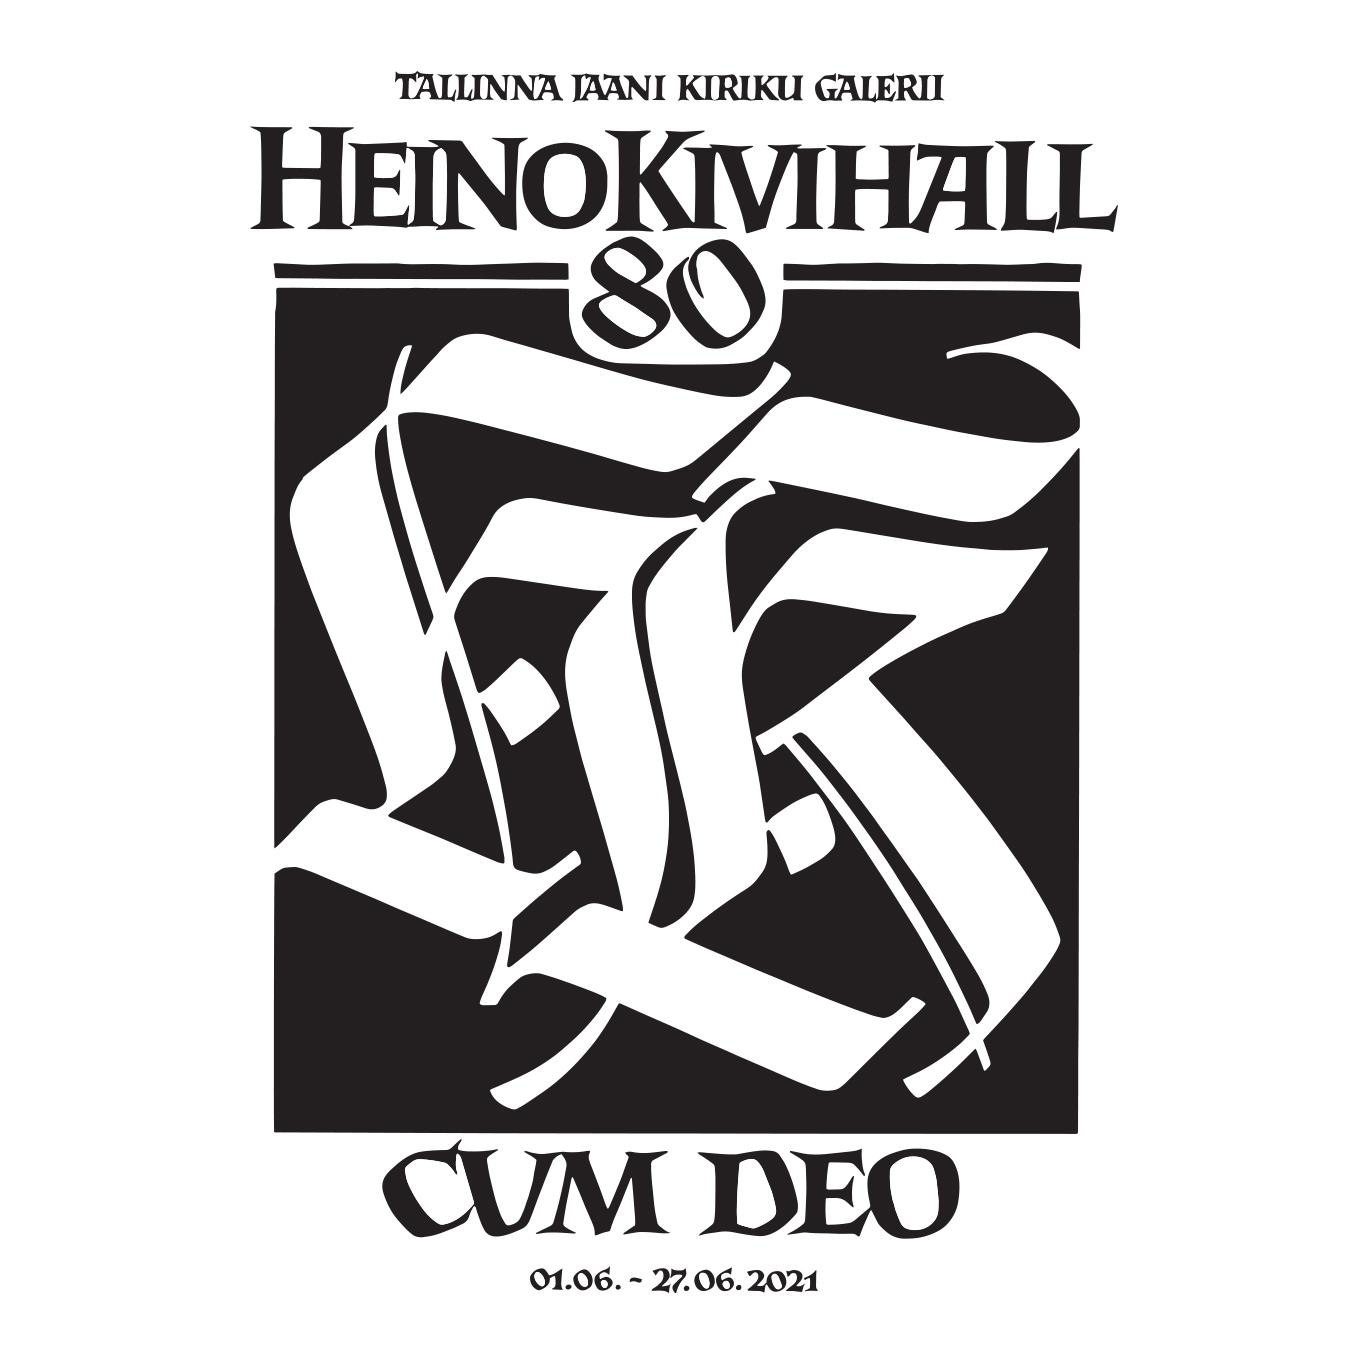 """Heino Kivihalli Isikunäitus """"Cum Deo"""""""